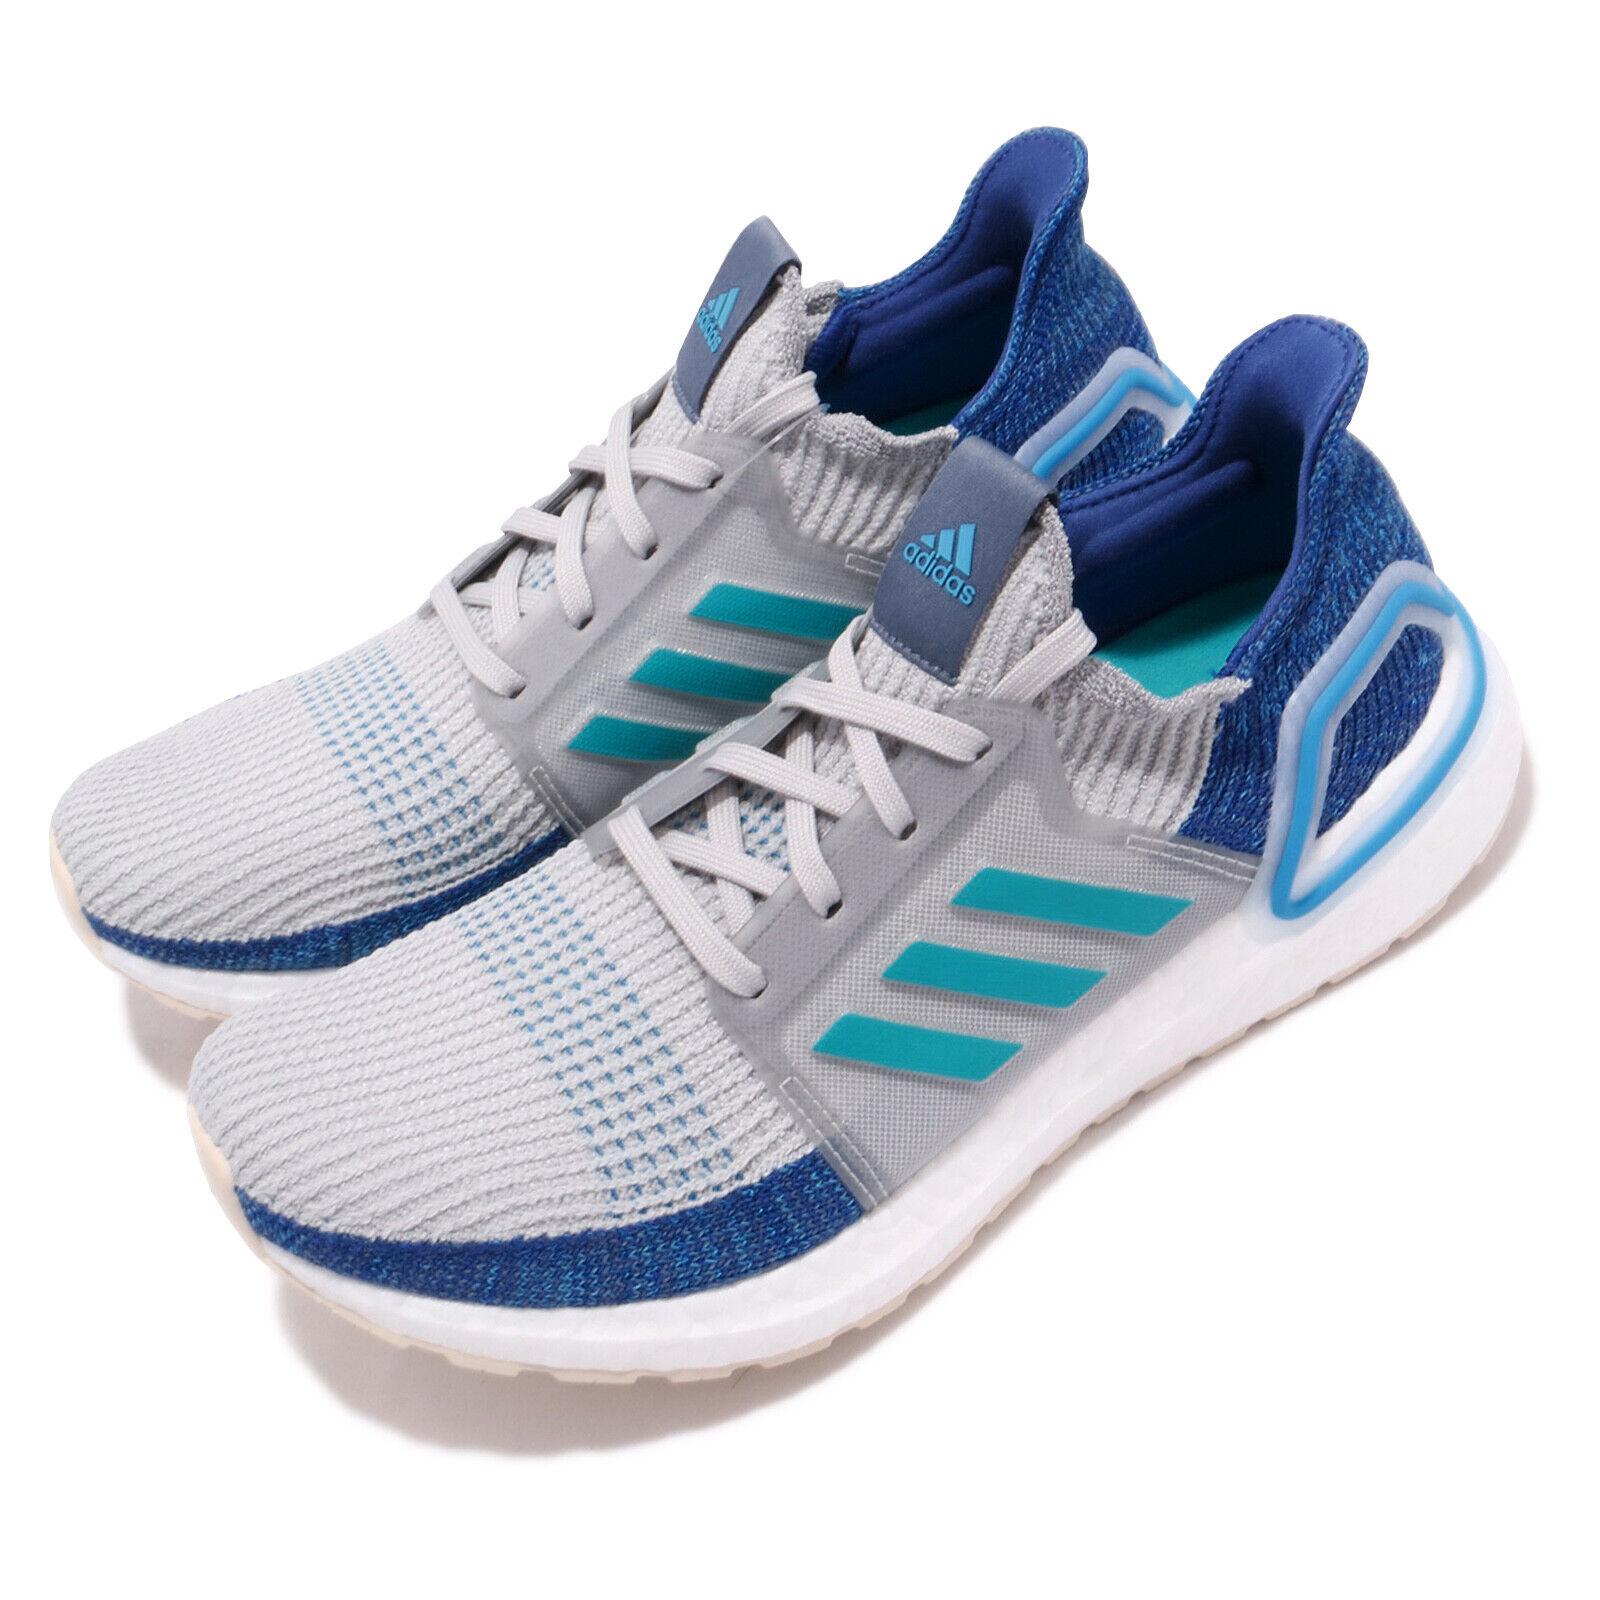 Adidas UltraBOOST 19 gris Shock Cyan bleu Men Running chaussures baskets F35240